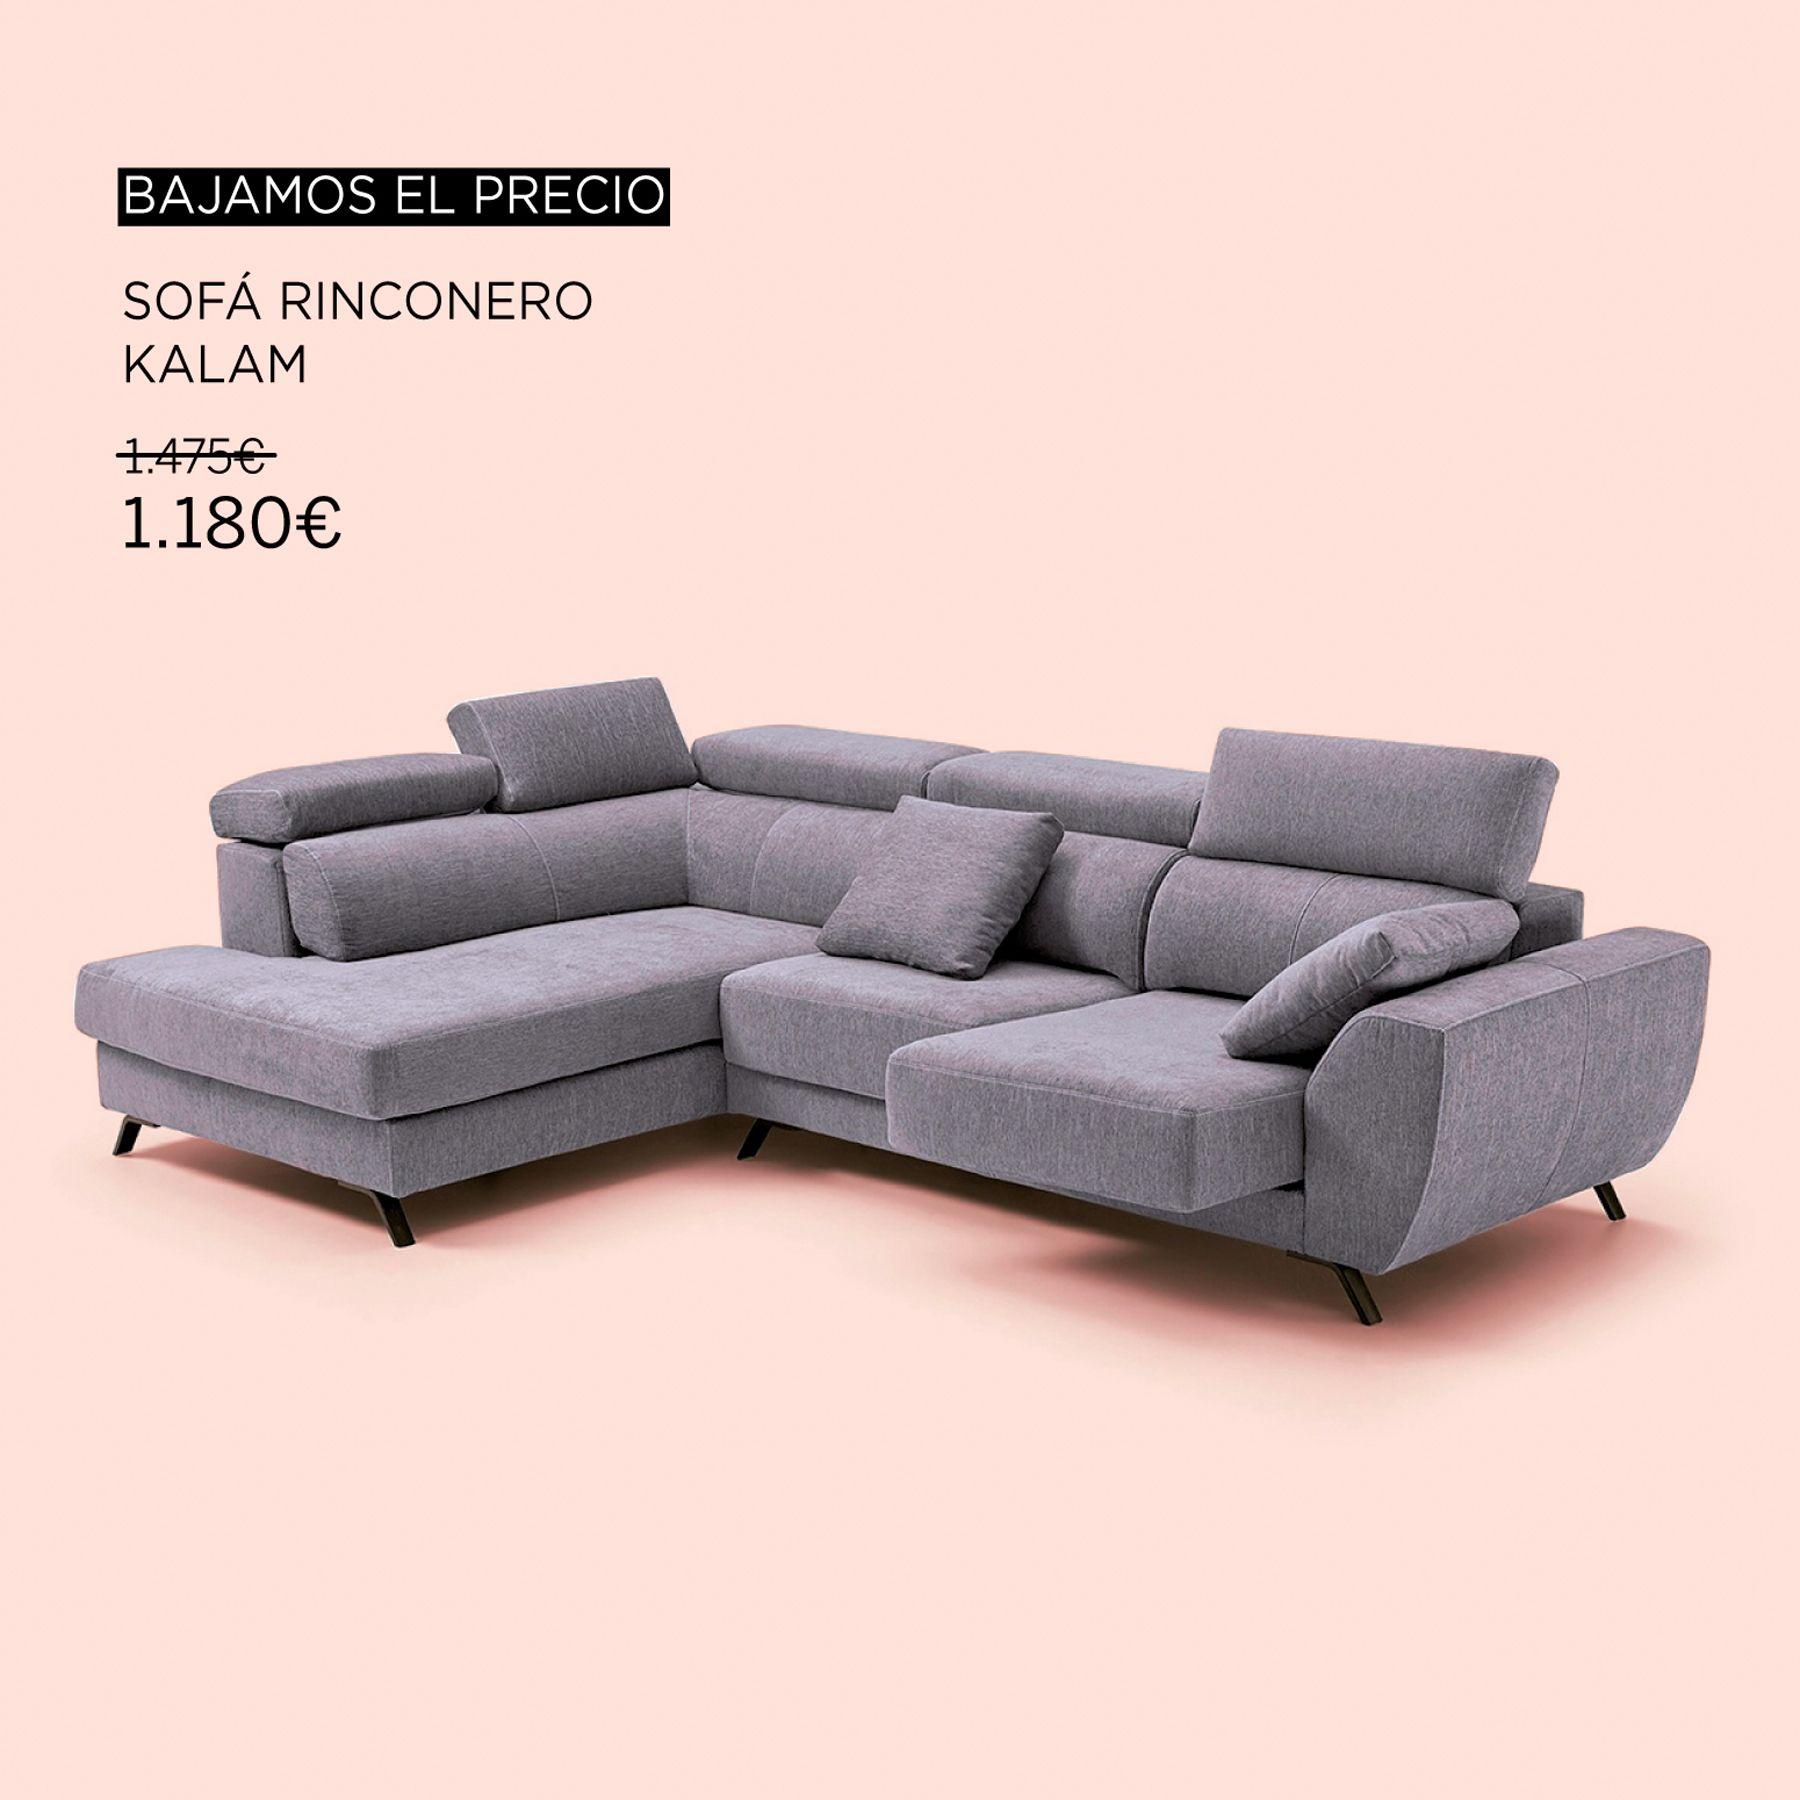 KALAM  Sofas rinconeras, Sofá de la sala, Salones bohemios